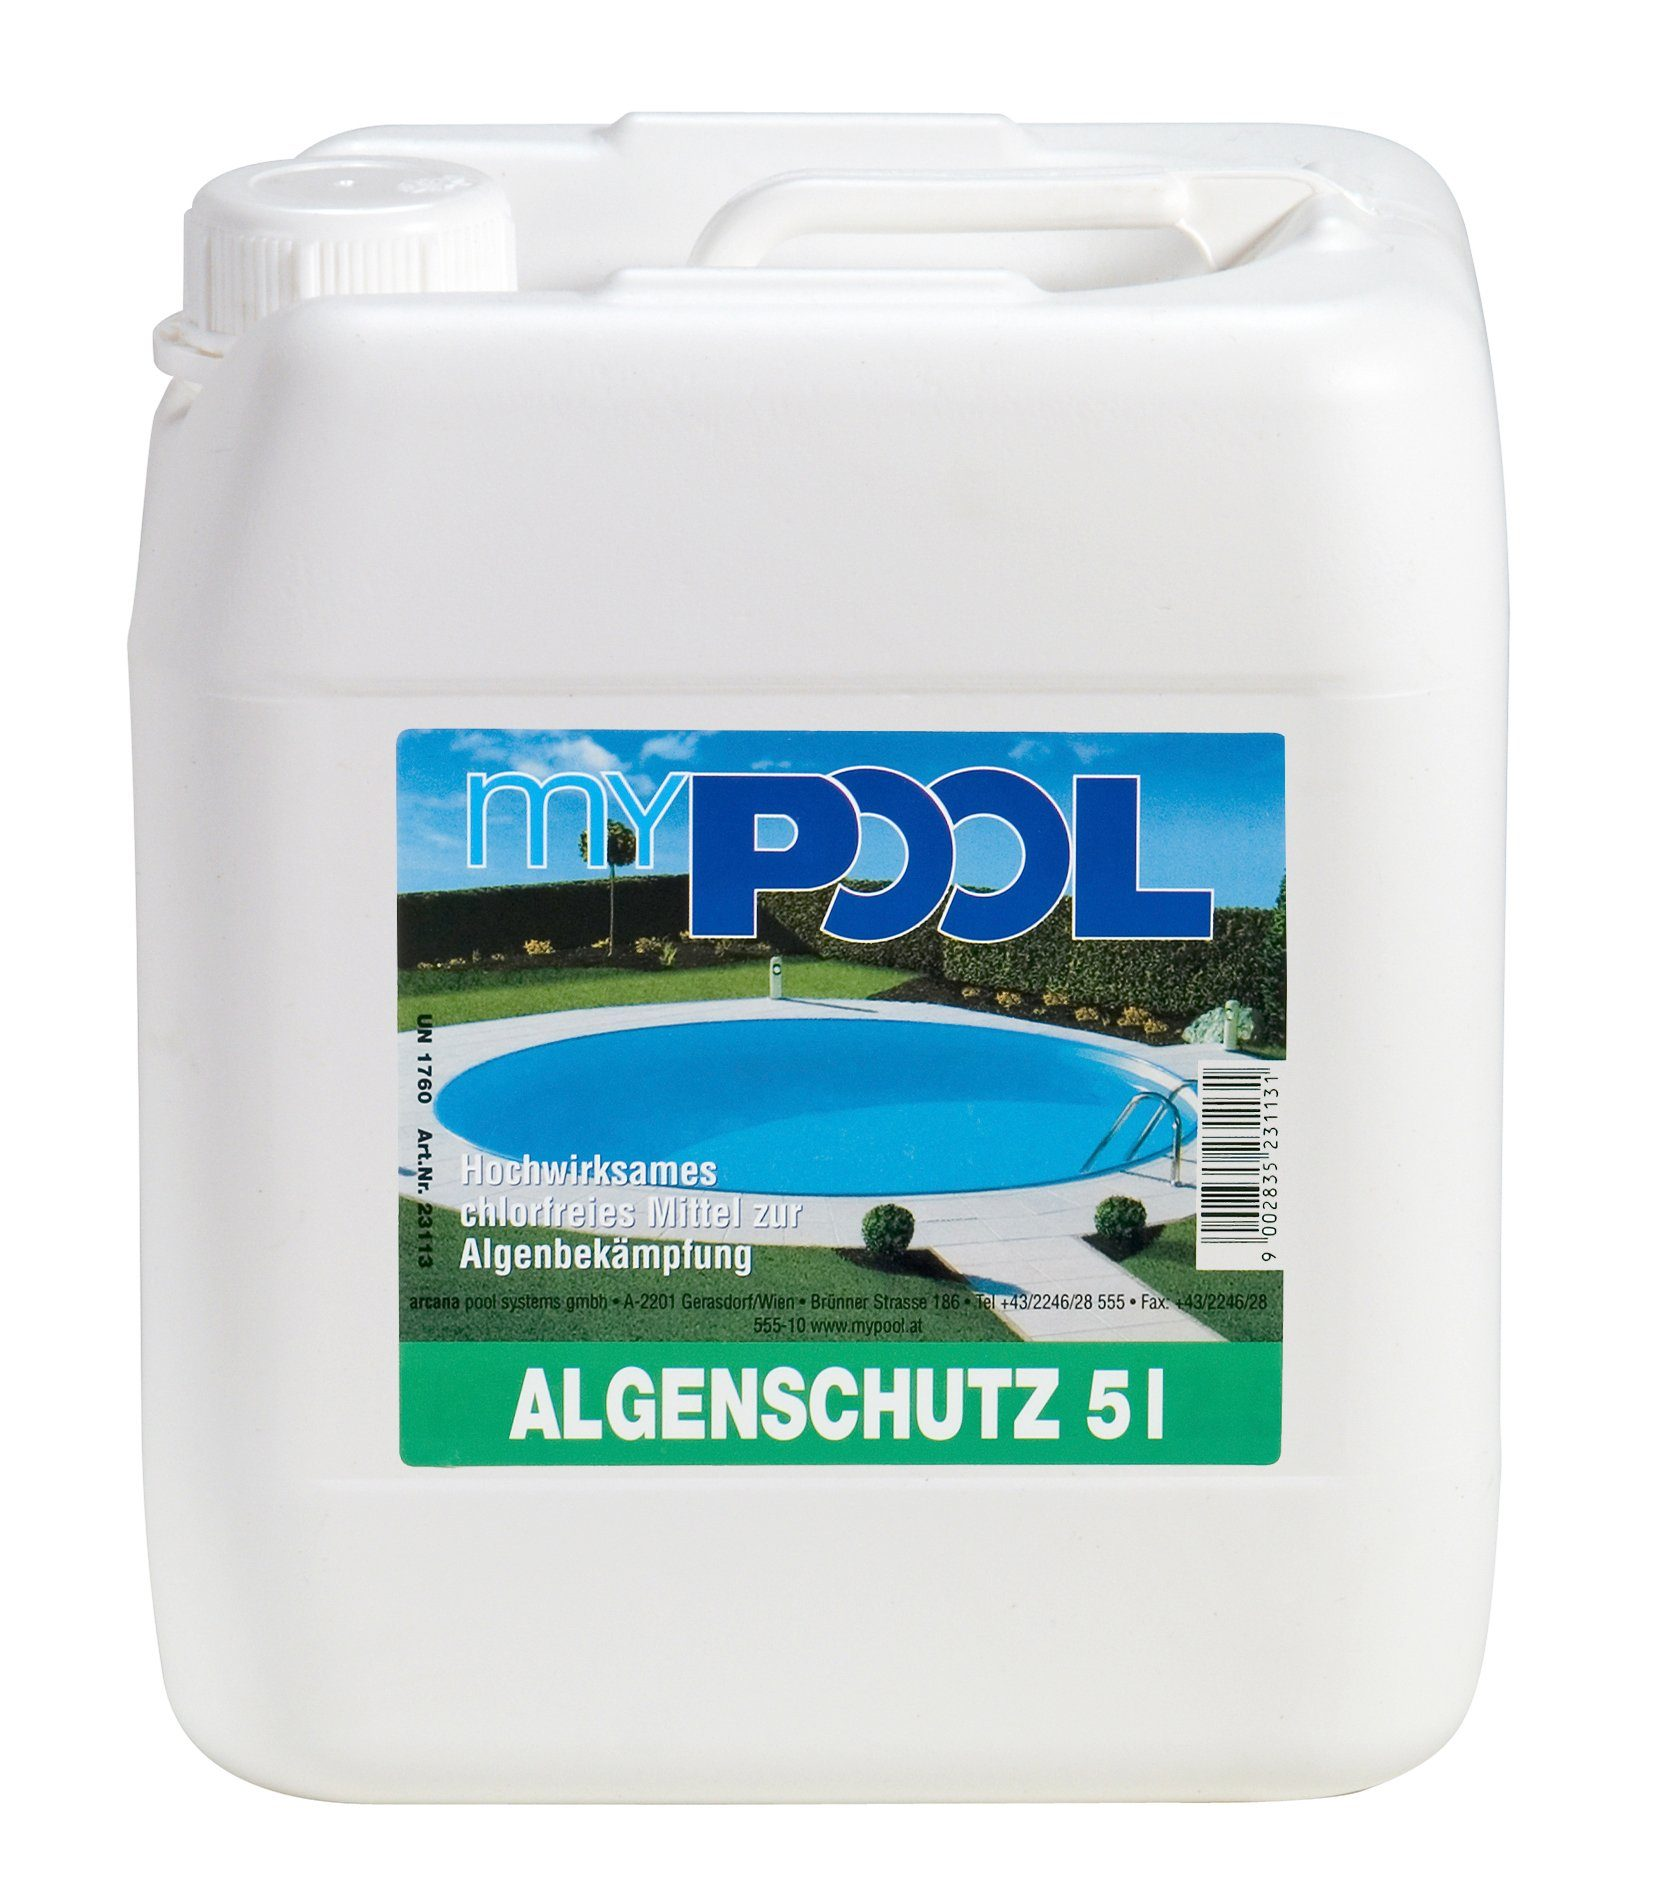 MYPOOL Algenschutzmittel , 5 l